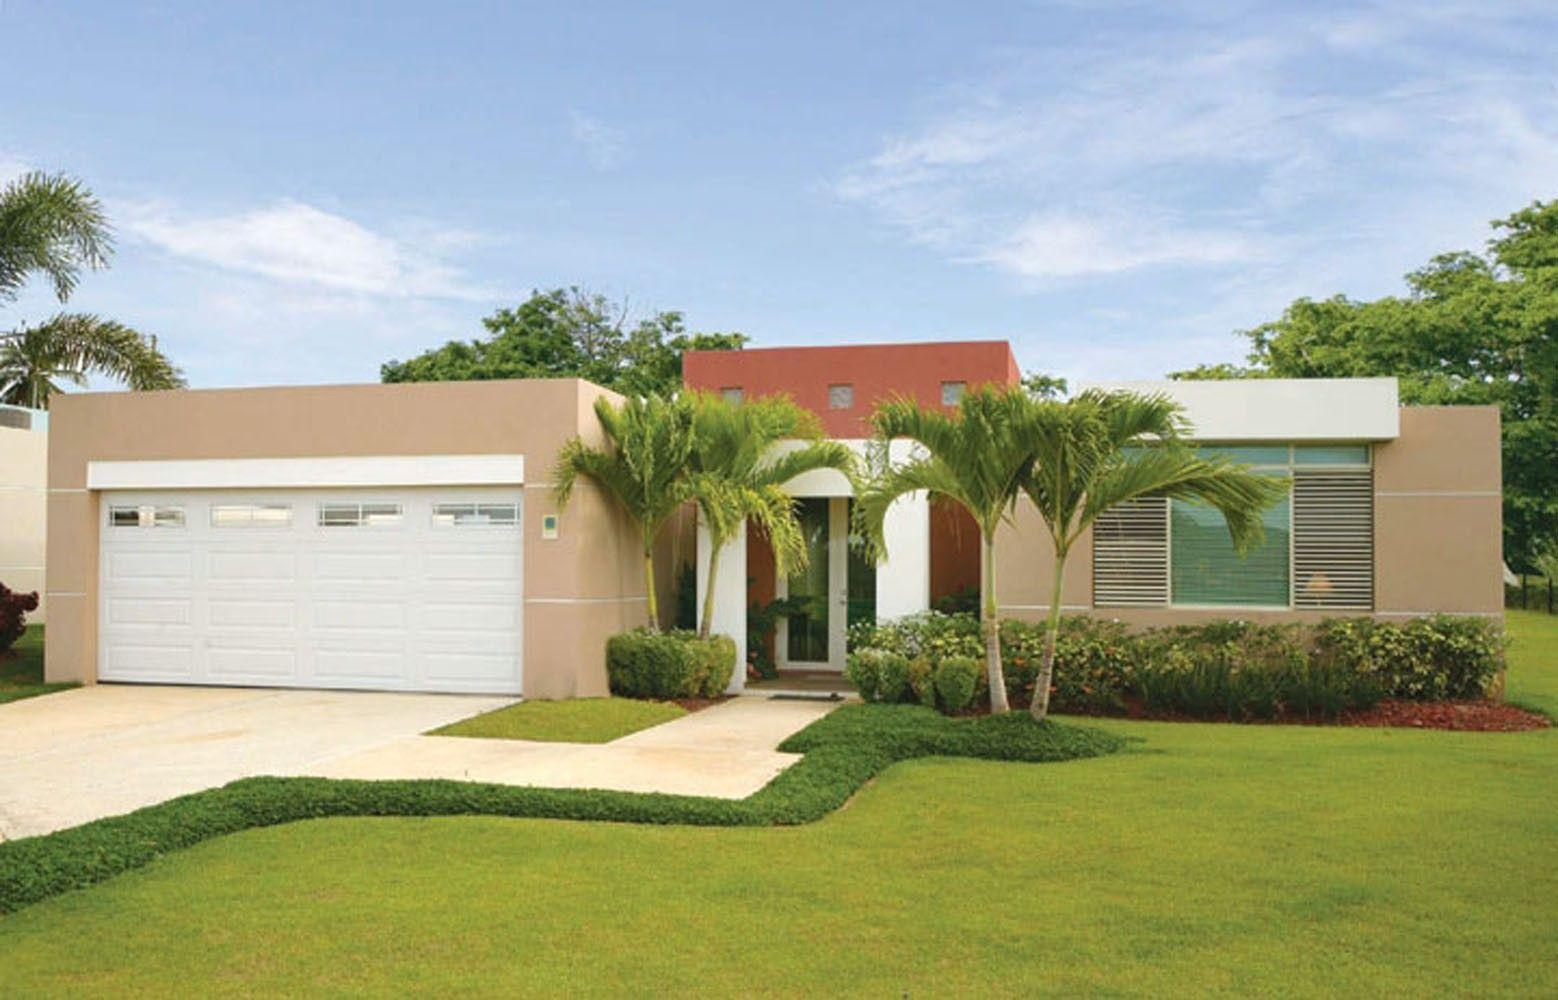 Resultado de imagen para casas modernas en puerto rico for Fotos fachadas casas modernas puerto rico